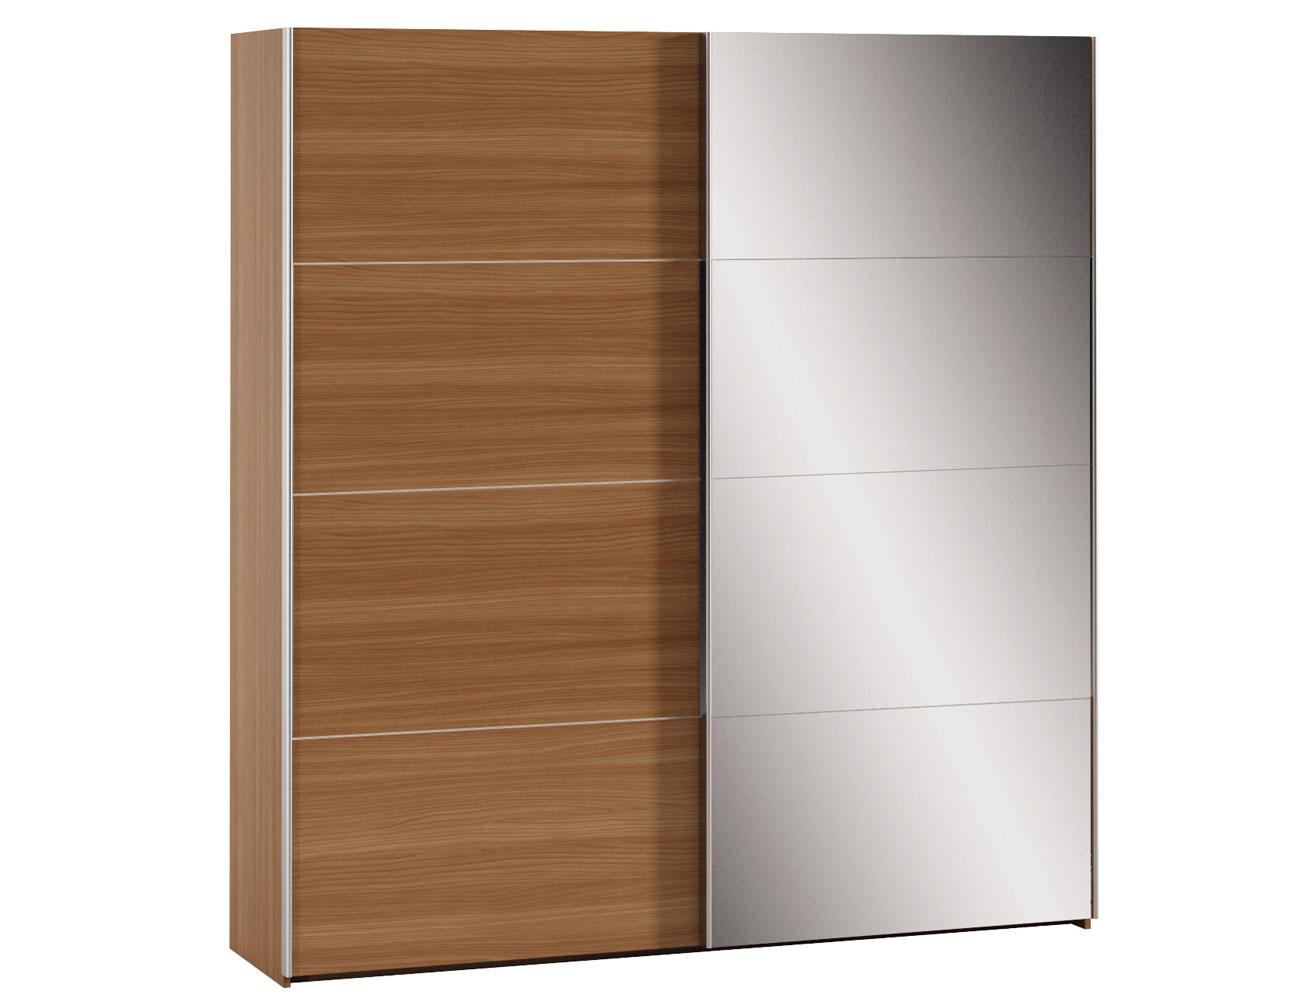 Dk 60 armario 2p correderas nogal espejo3